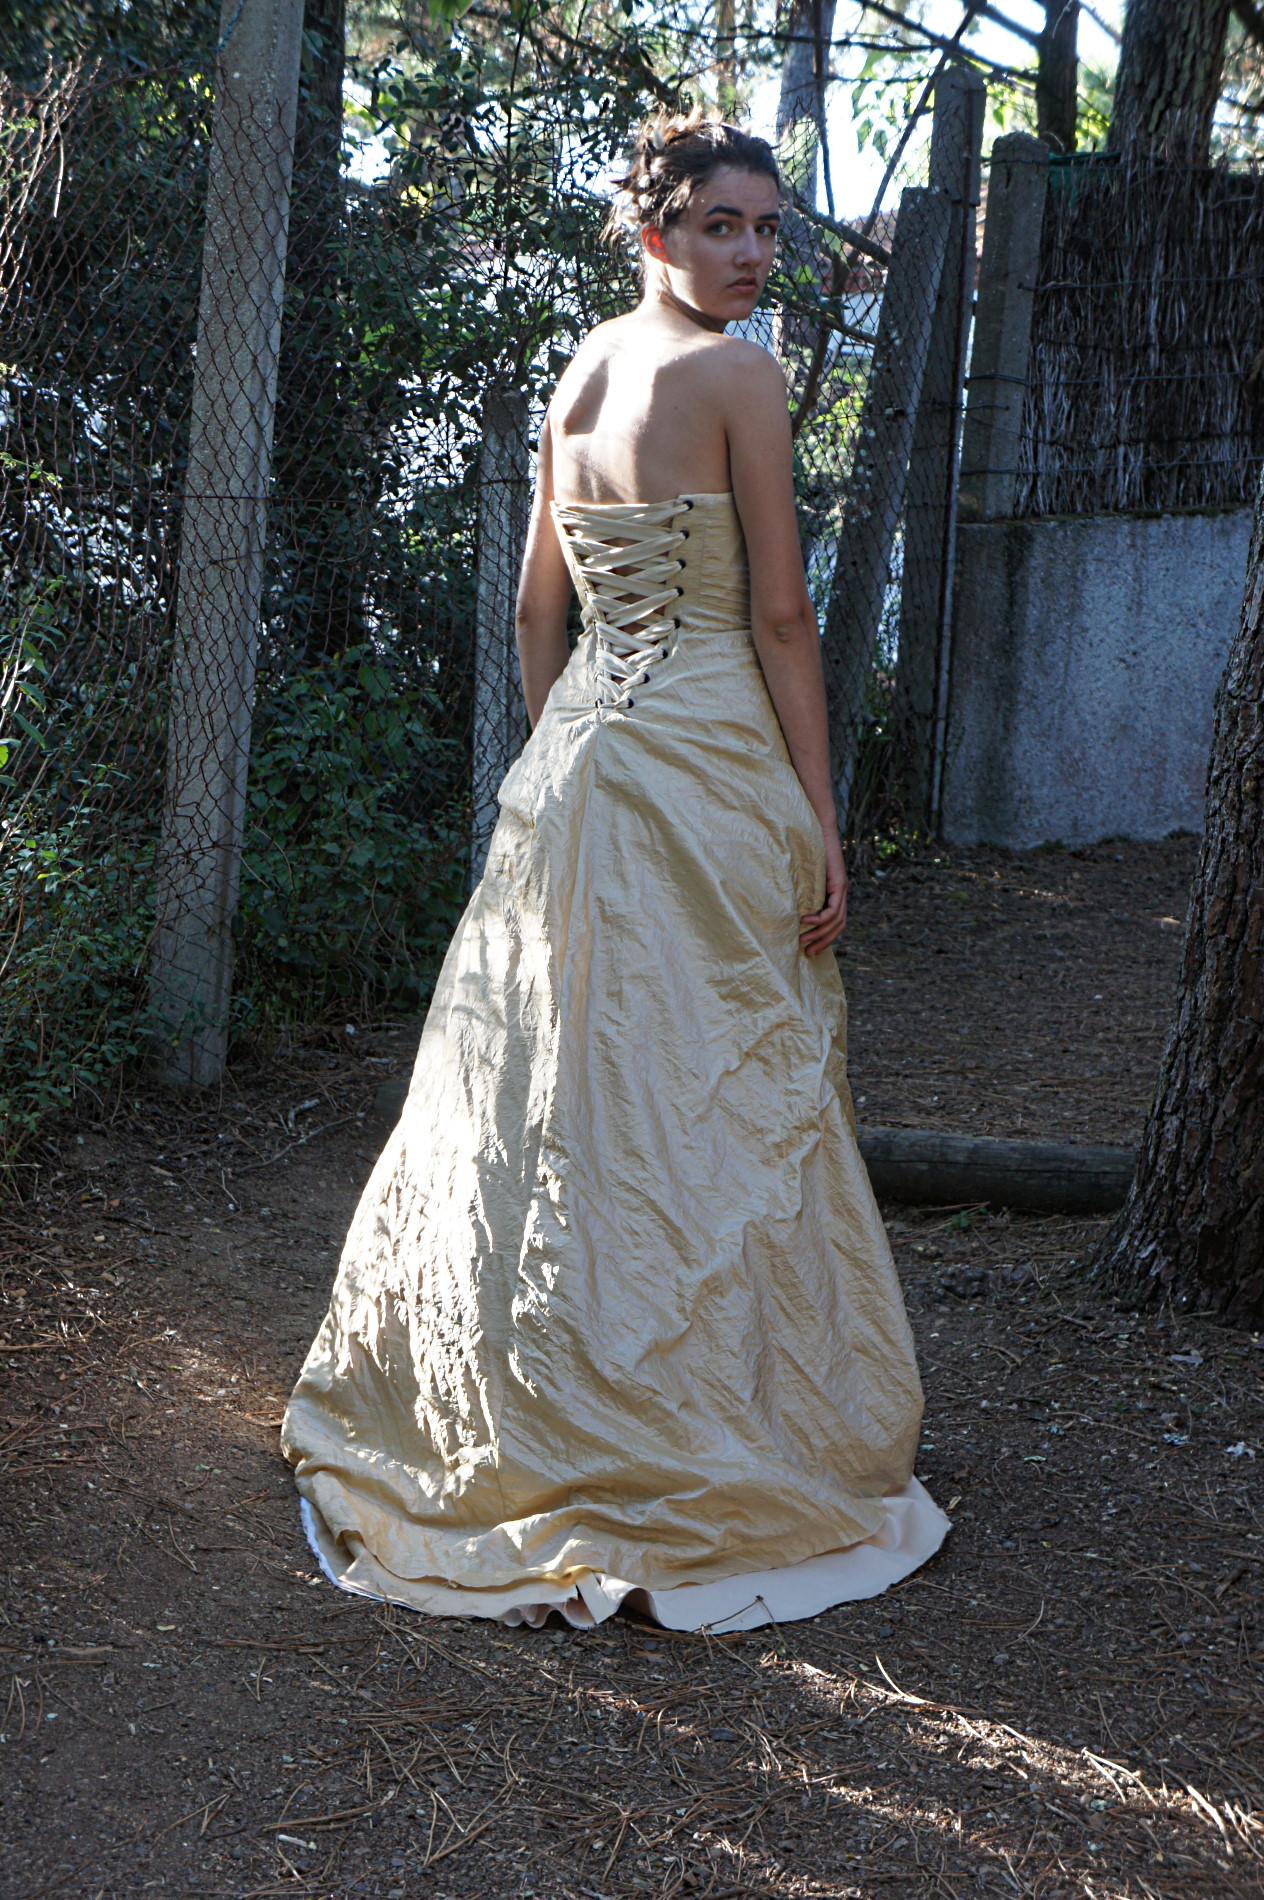 robe mariée doré avec laçage dos et double bustier pour effet de couleurs